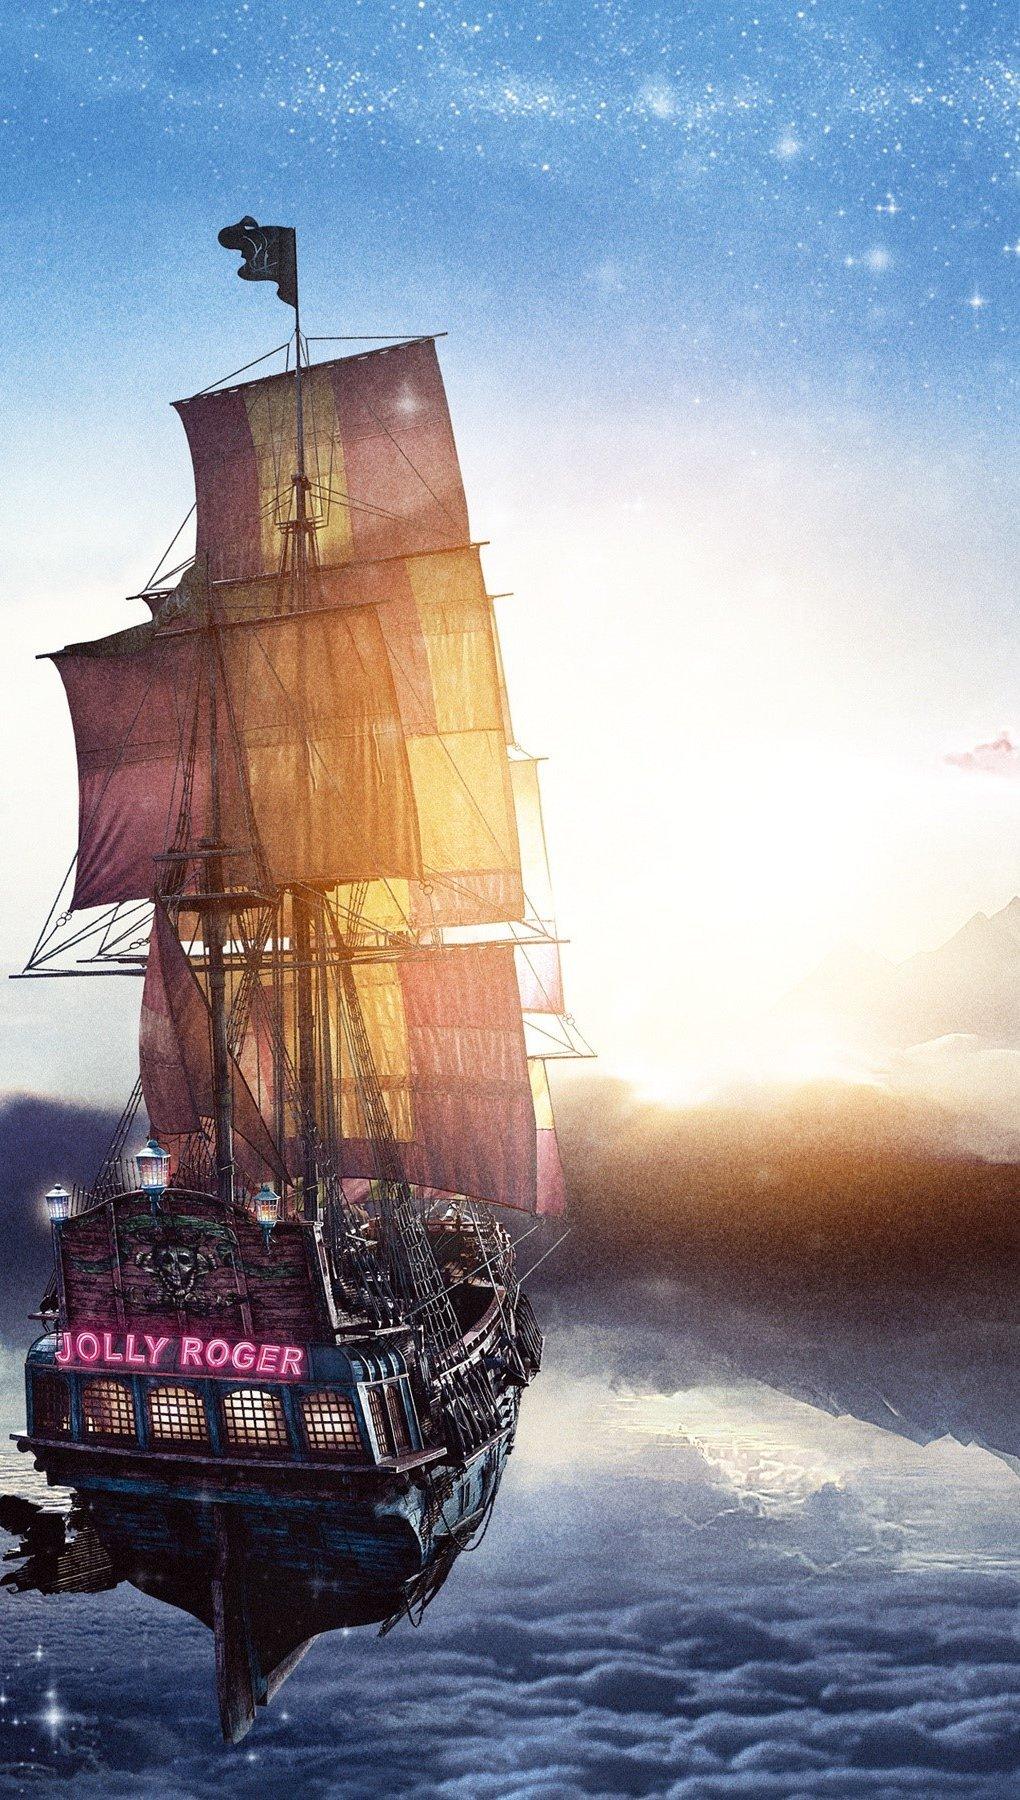 Fondos de pantalla Barco pirata Jolly Roger de Pan Vertical